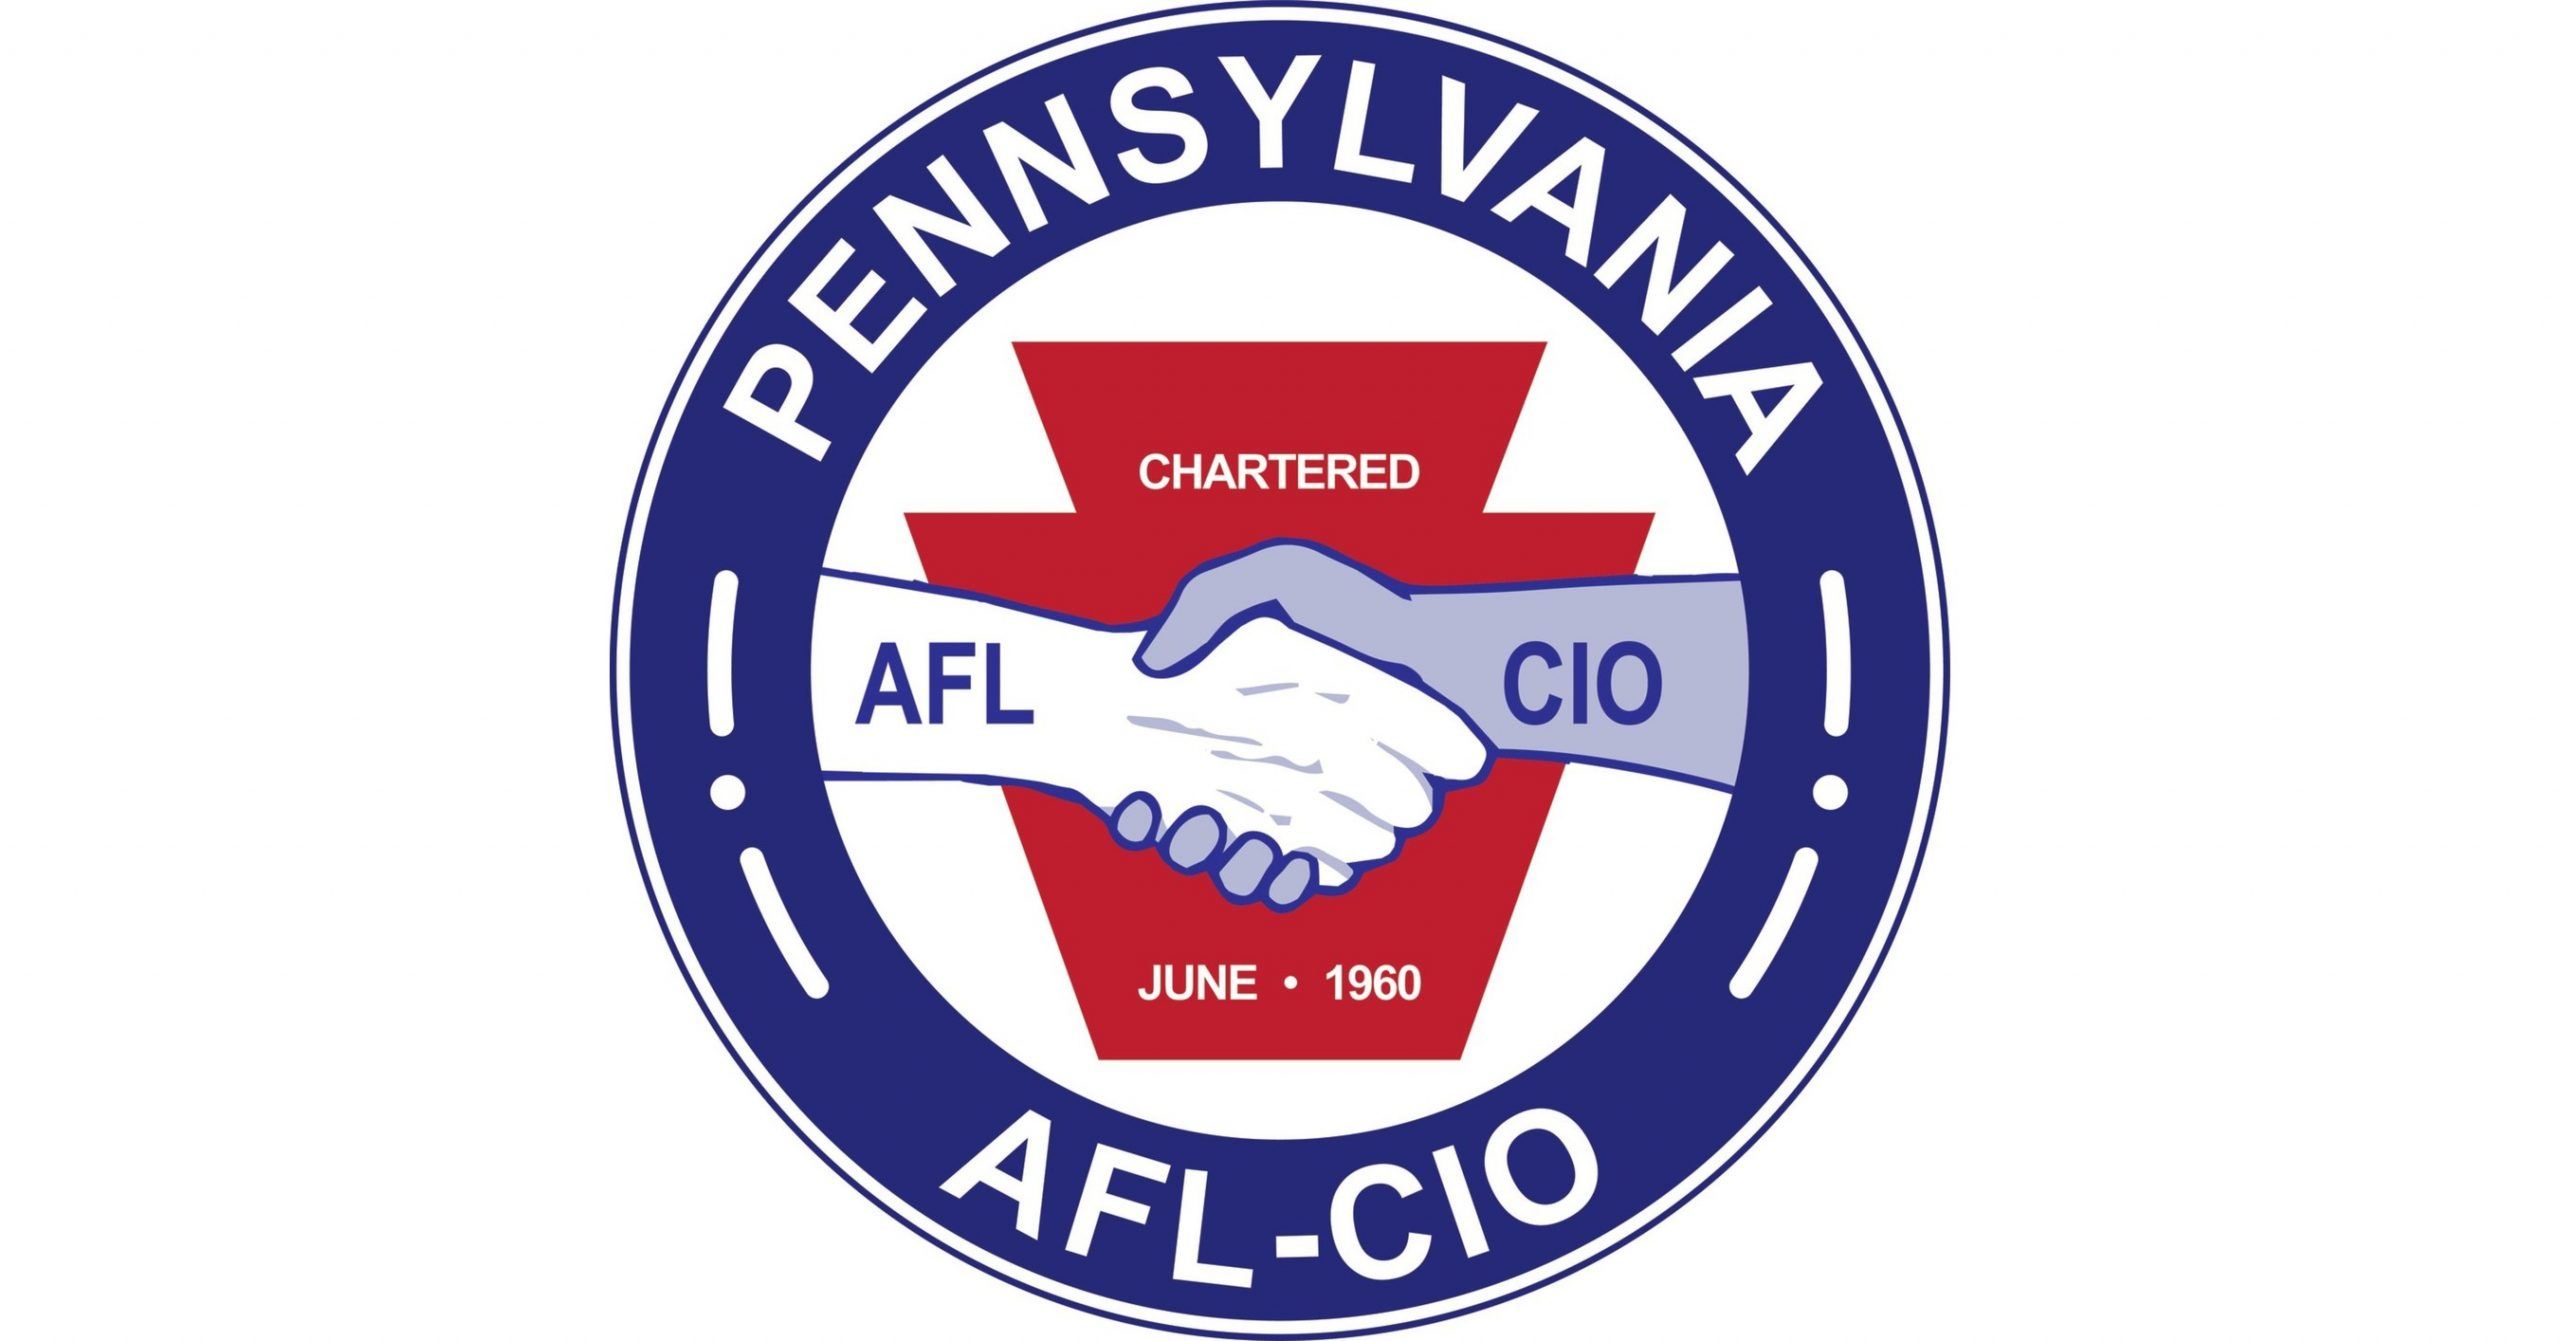 pennsylvania-afl-cio-urges-us-steel-to-reinvest-in-pennsylvania-manufacturing